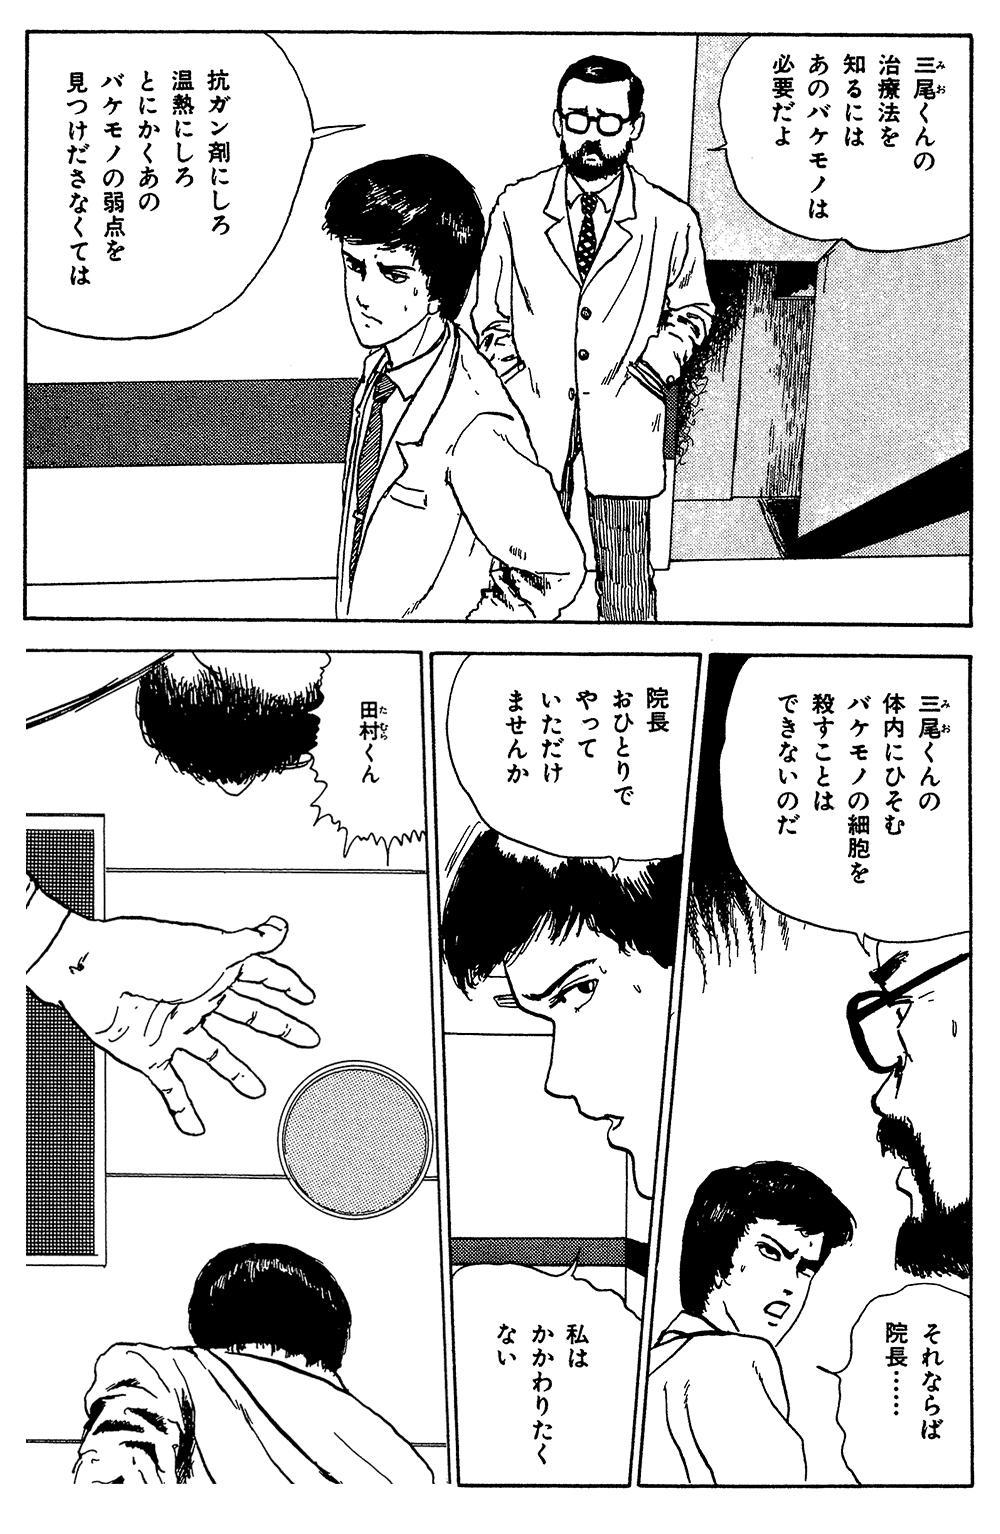 伊藤潤二傑作集 第3話「富江 地下室」②junji07-08.jpg